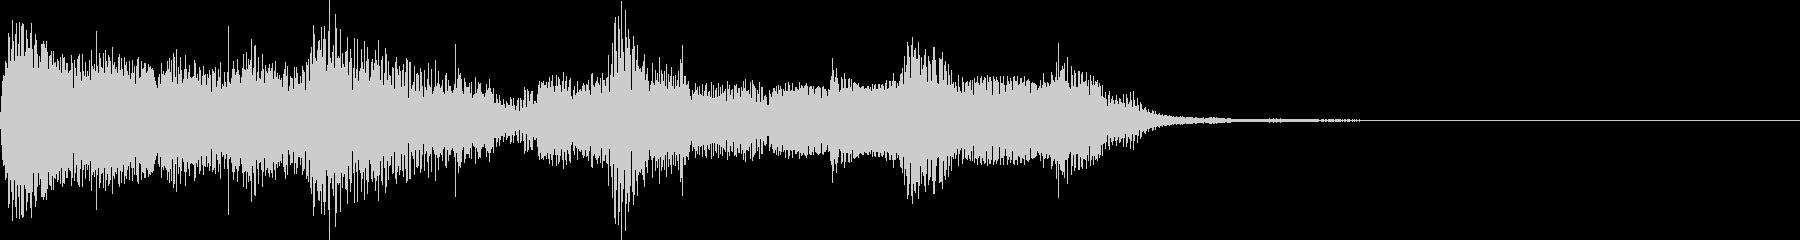 アラビア風・エスニックなジングルの未再生の波形